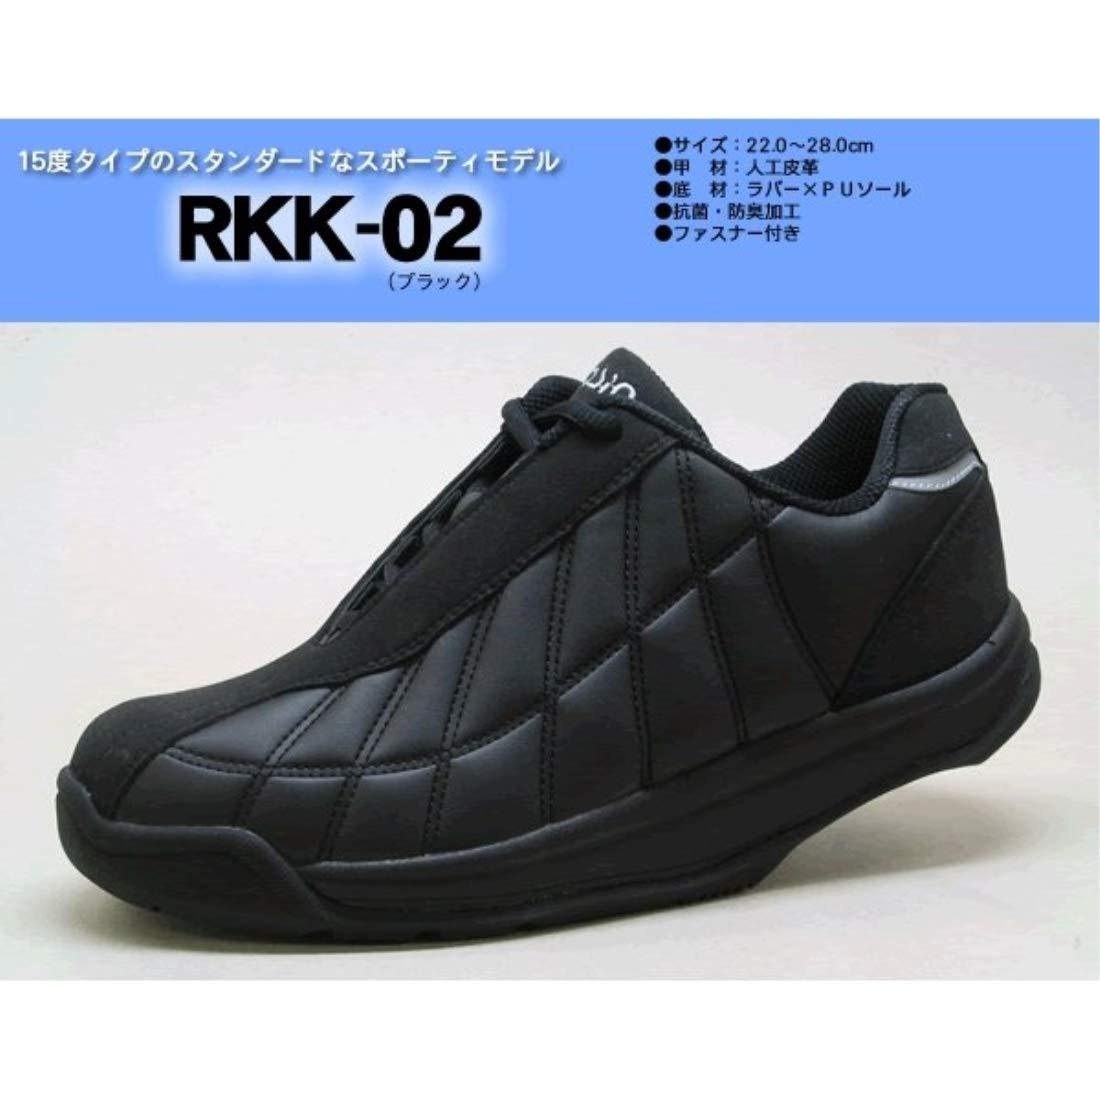 日用品 ウォーキングシューズ 関連商品 かかとのない健康シューズ RKK-02 ブラック 24.5cm B076V7HW32